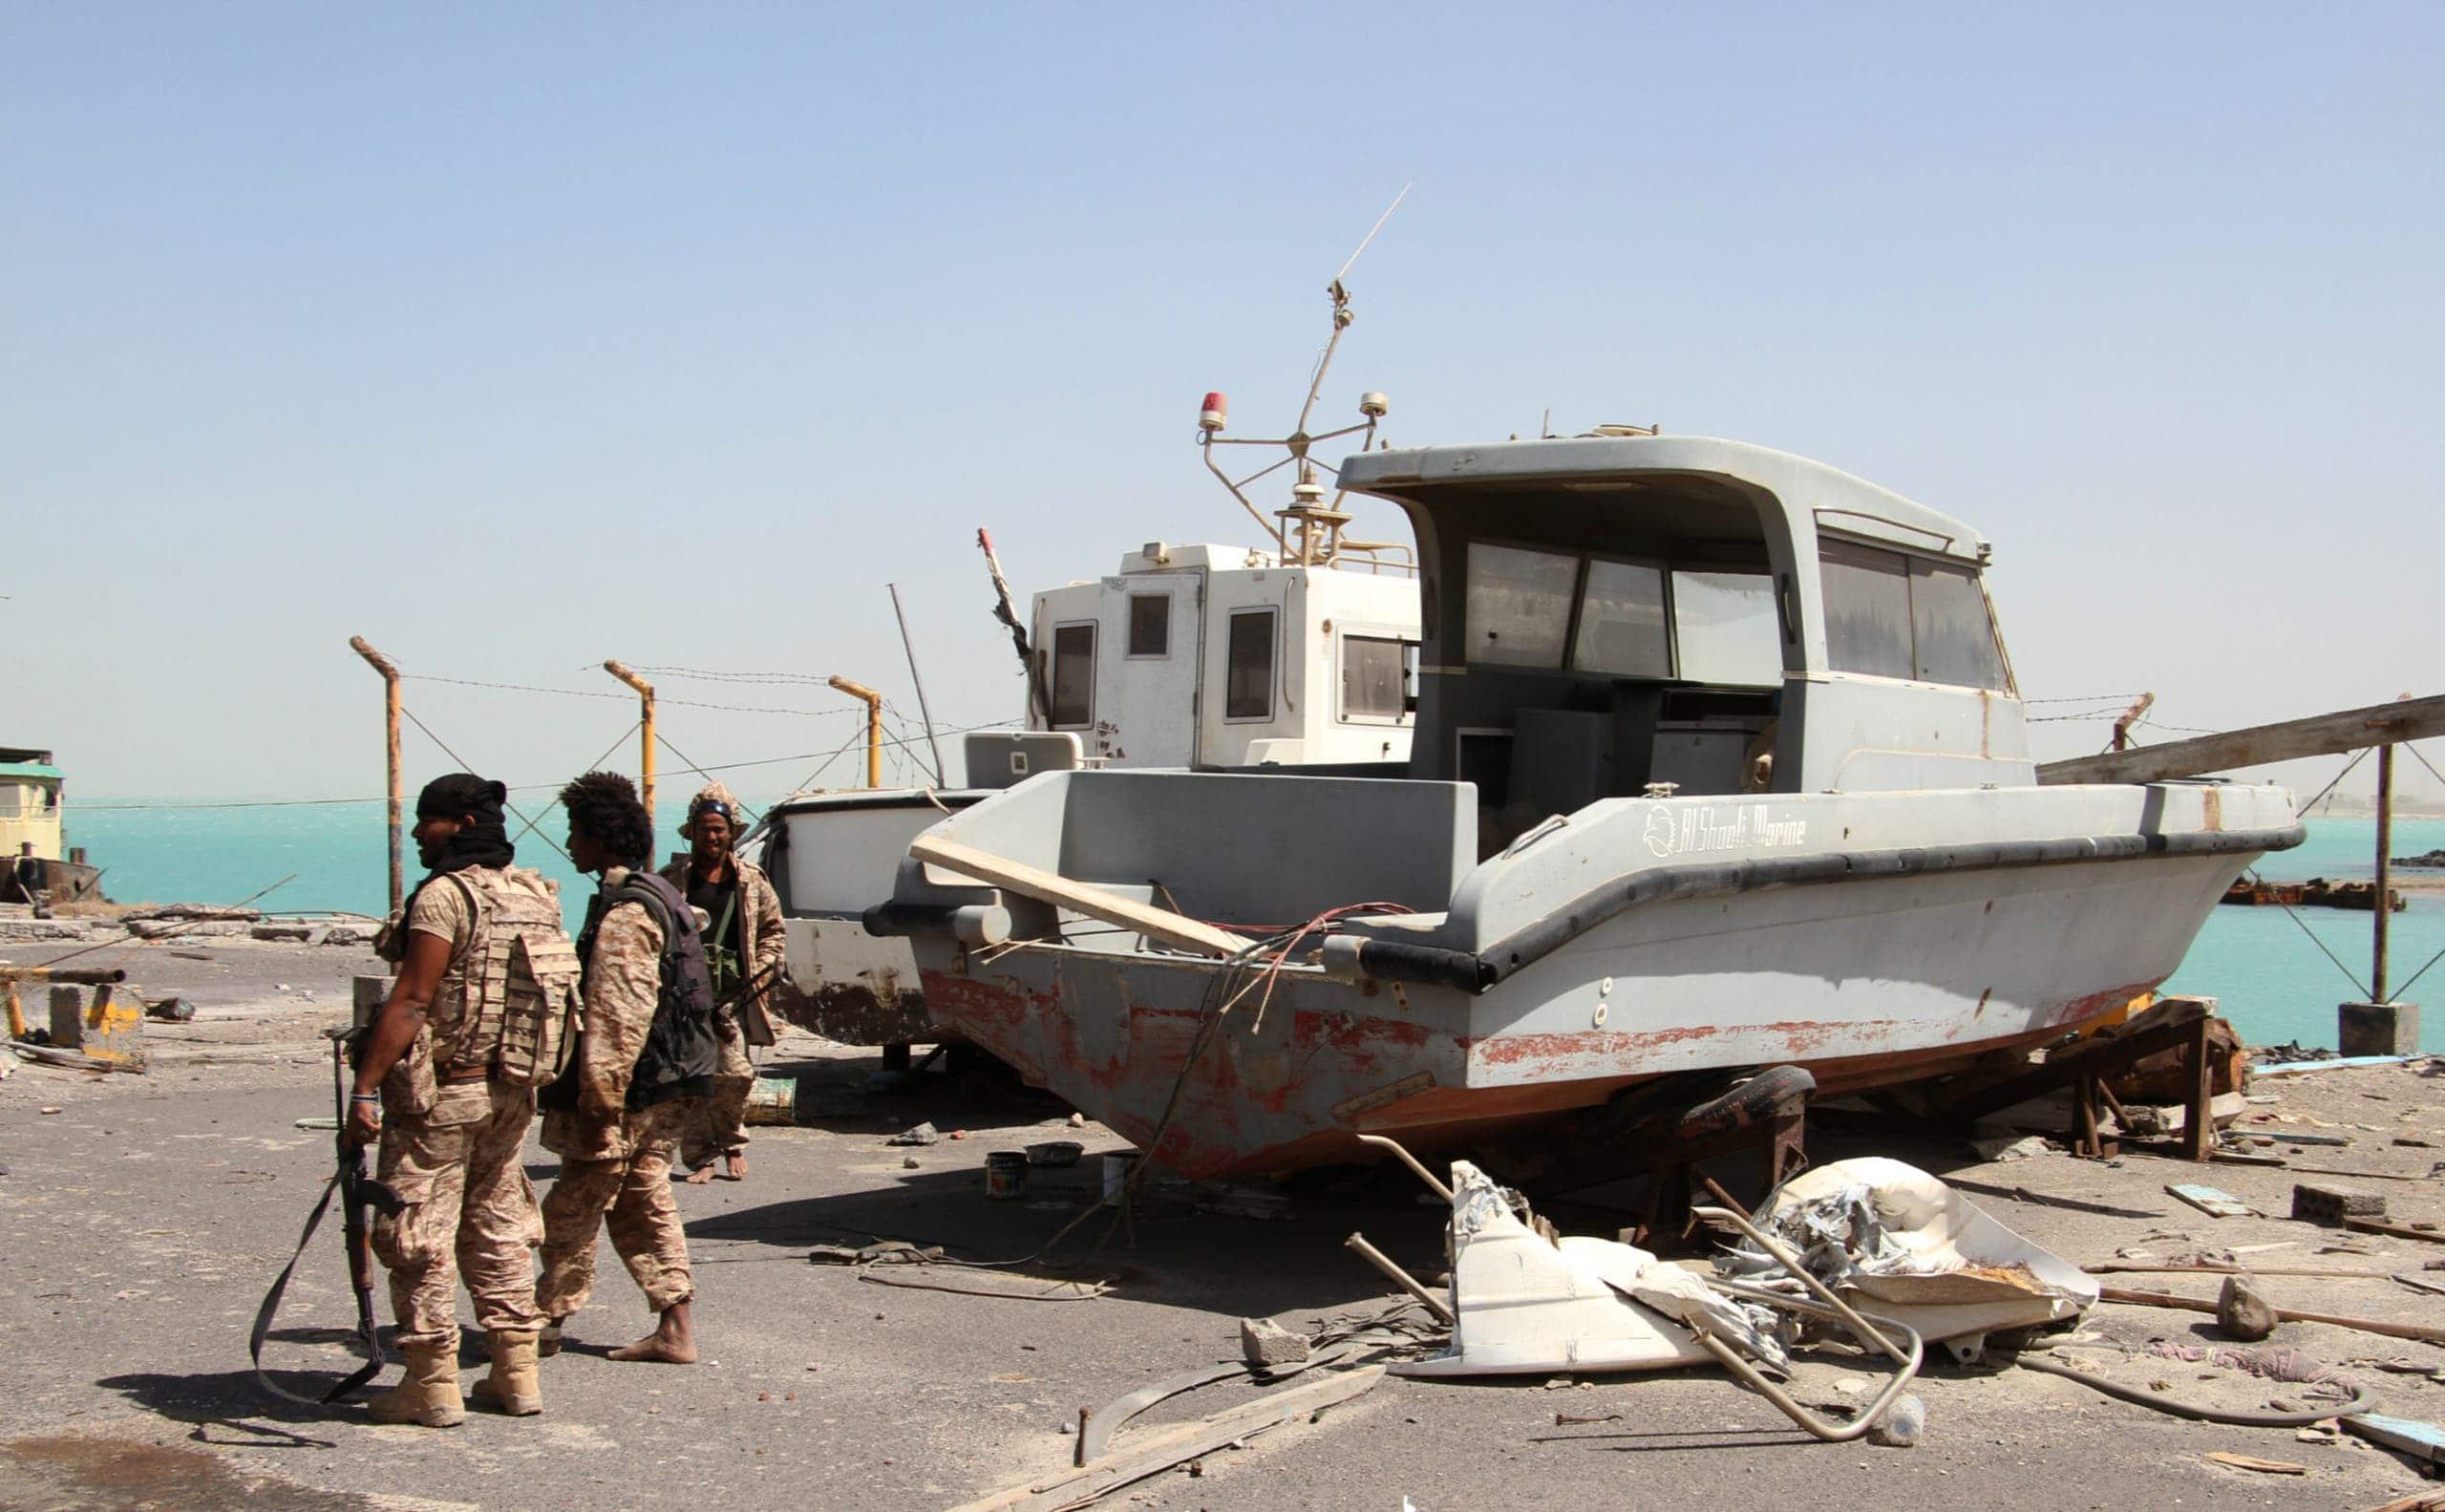 تحقيق أمريكي يكشف خفايا هيمنة الإمارات على الجزر اليمنية.. هذا هدف محمد بن زايد